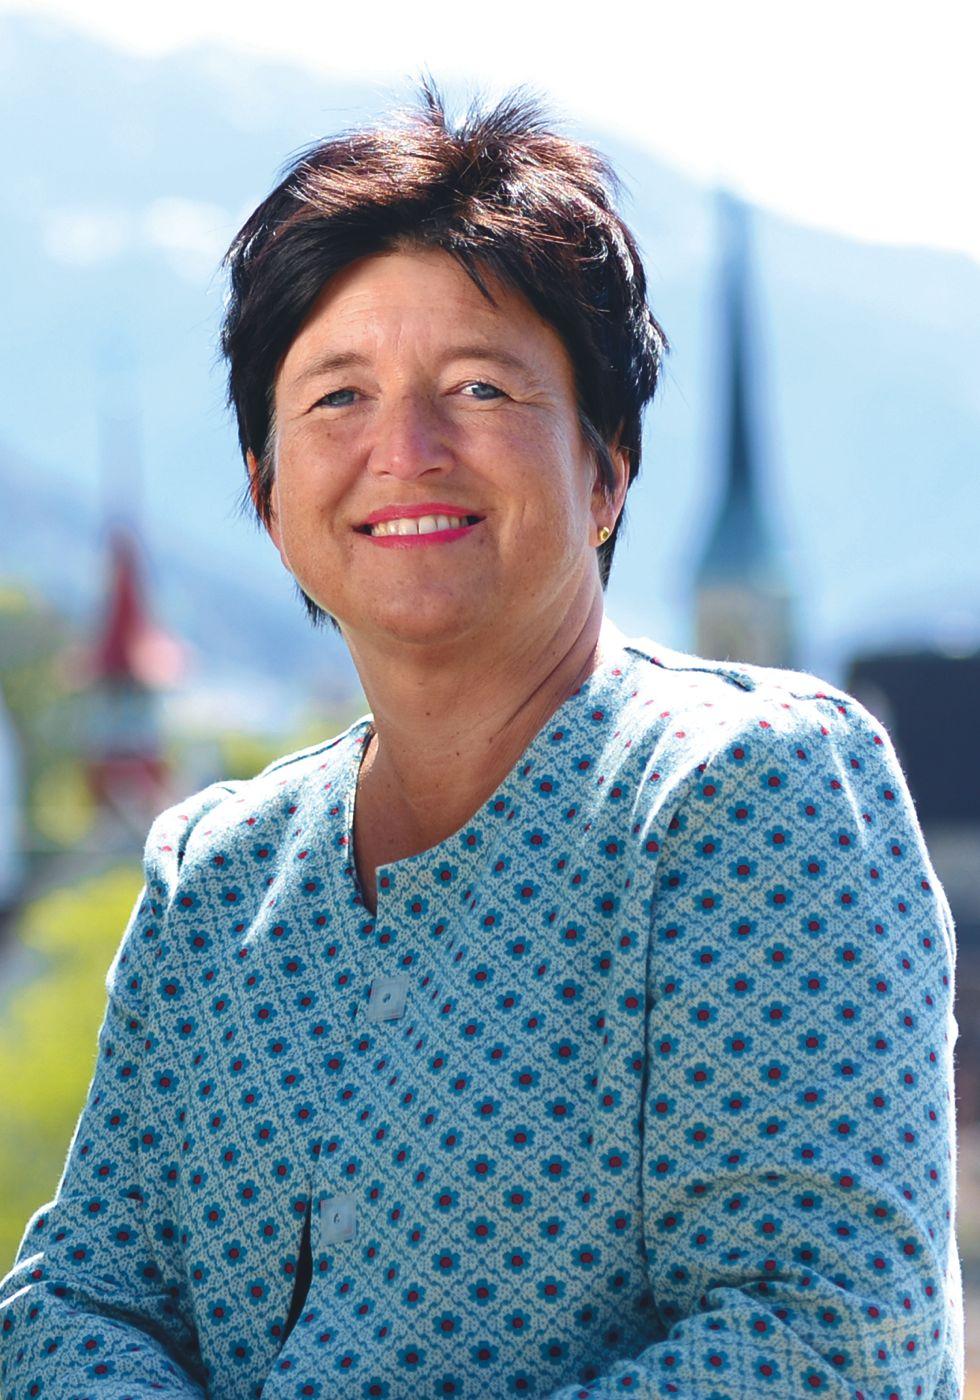 Vroni Straub-Müller (Bild) will 2018 erste Stadtpräsidentin in der Geschichte von Zug werden.